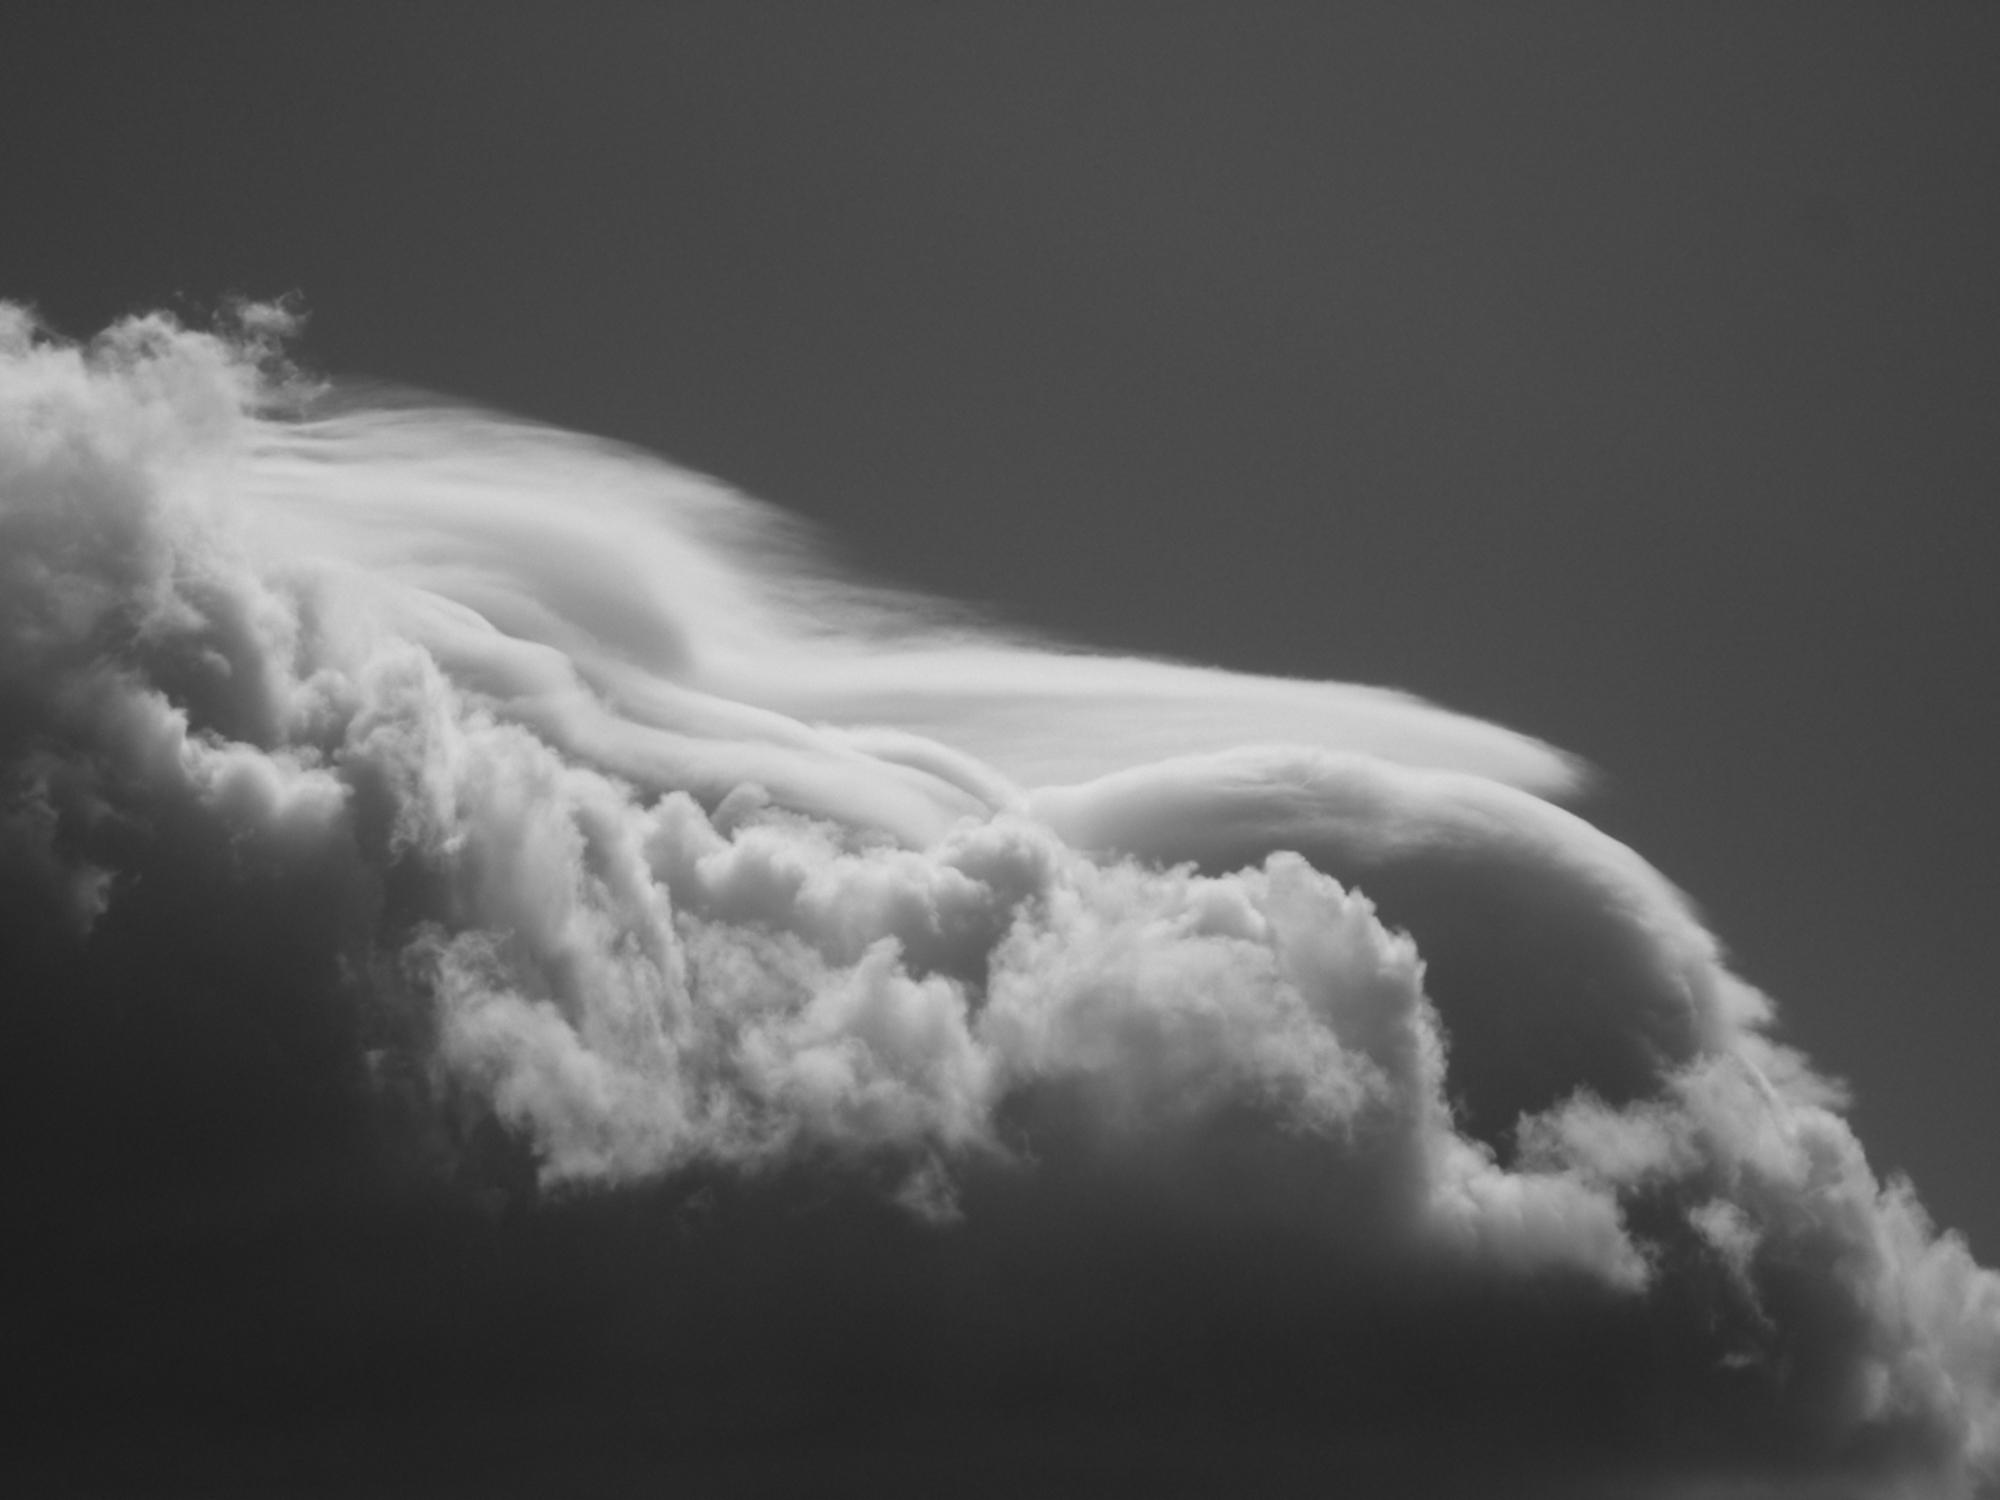 Gdy góra chmury traci swoją konsystencję i staje się rzadsza, to zły znak. Oznacza to, że w chmurze zaczyna się tworzyć lód, a pogoda może się pogorszyć. Możliwe wystąpienie burz (fot. materiały prasowe)